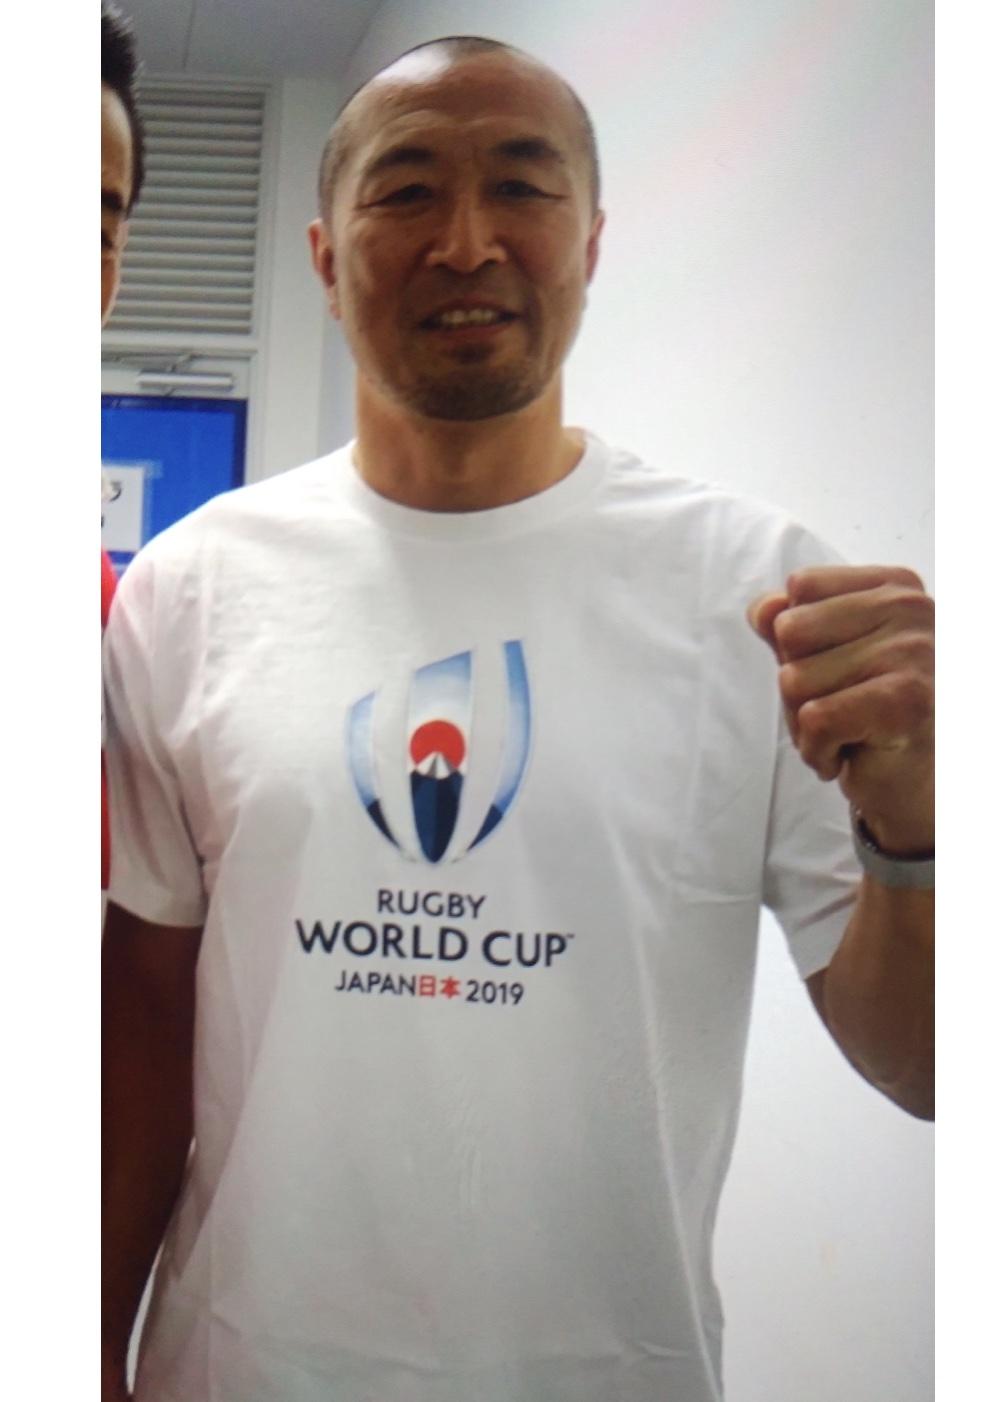 【公式】実使用「2019ラグビーワールドカップ100日前トークショー&スカイツリー点灯イベントに出演時着用Tシャツ」伊藤 剛臣